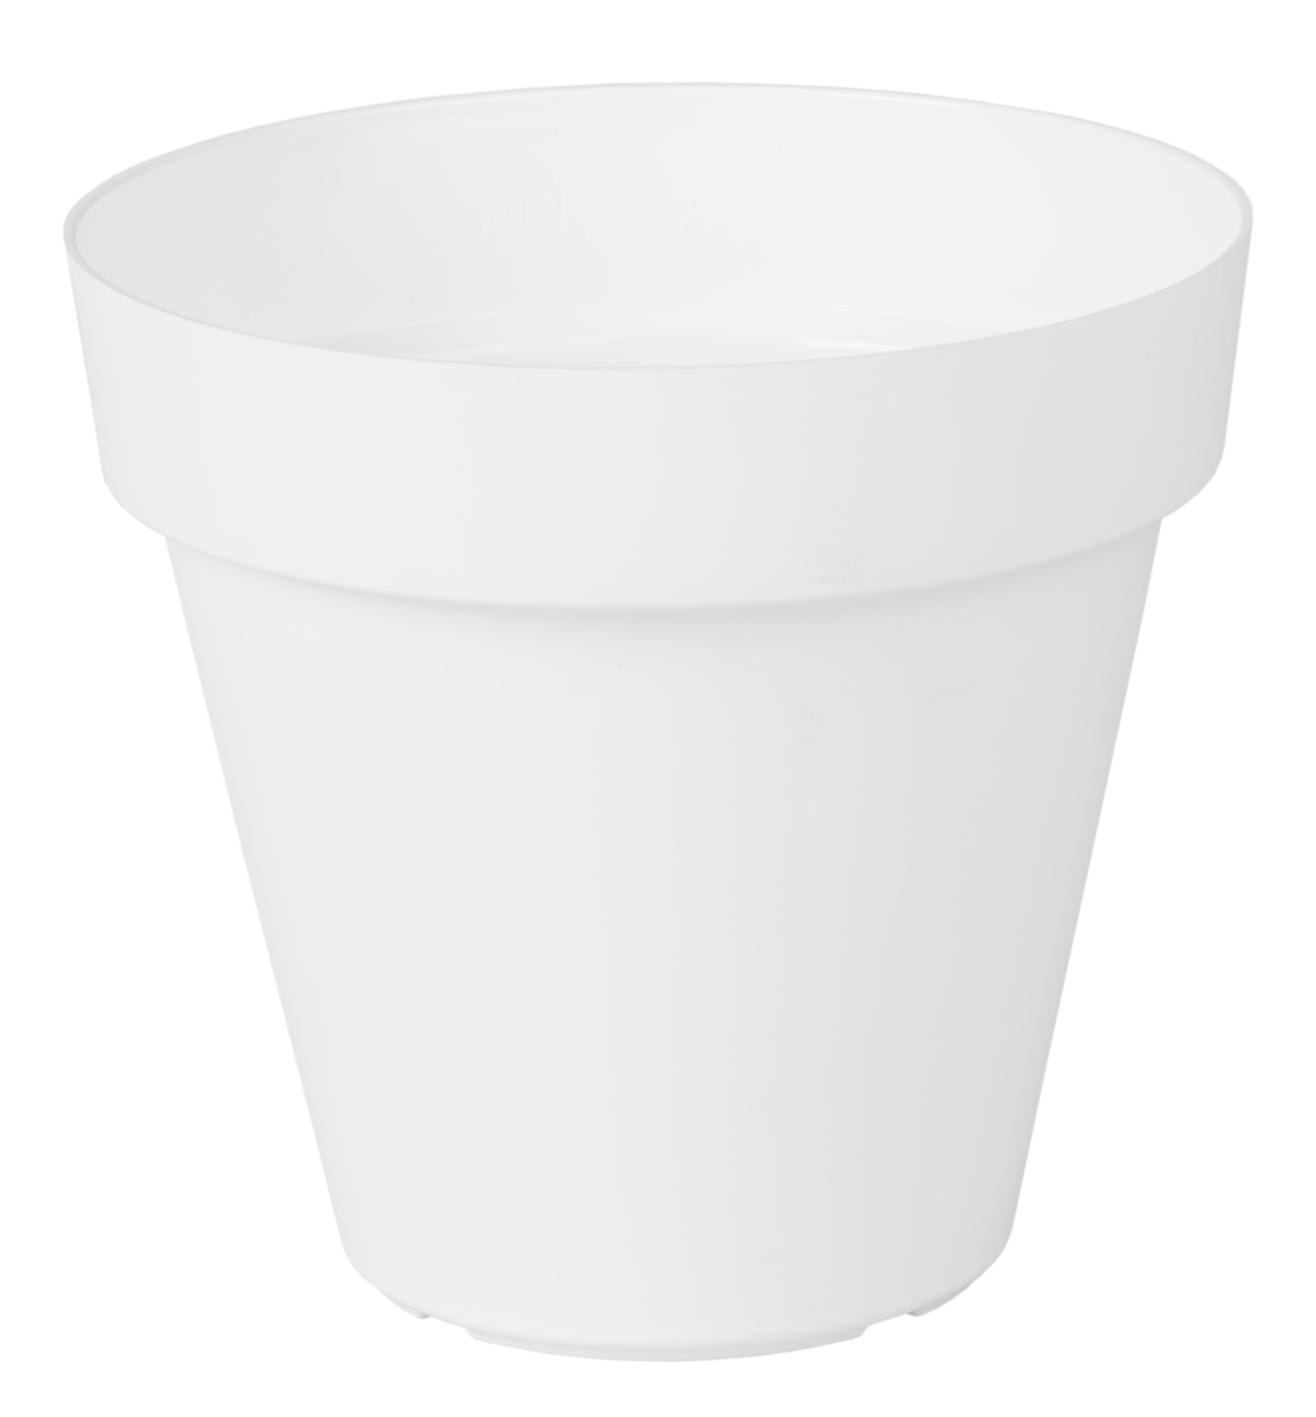 Plastic Bloempot Wit.Kunststof Buiten Plantenbak Rond In Kleur Wit O25cm 4 95